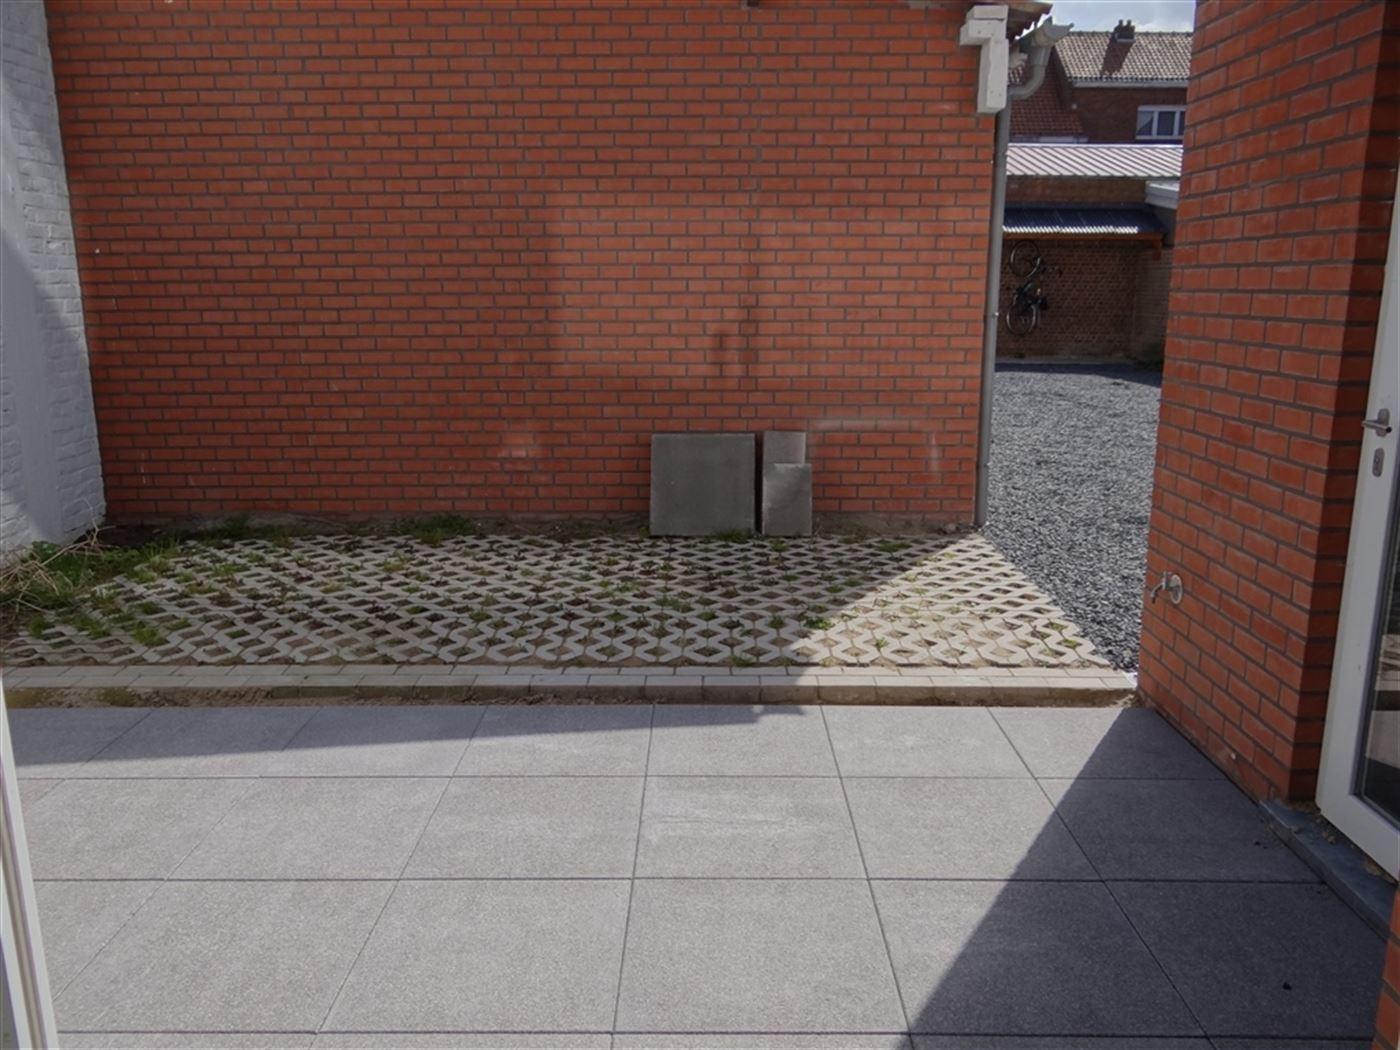 Res. Zuiderkaai - 0001 - Handels gelijkvloers met mogelijkheid tot 2 praktijk ruimtes en garage gelegen op de gelijkvloerse verdieping nabij de vernie...